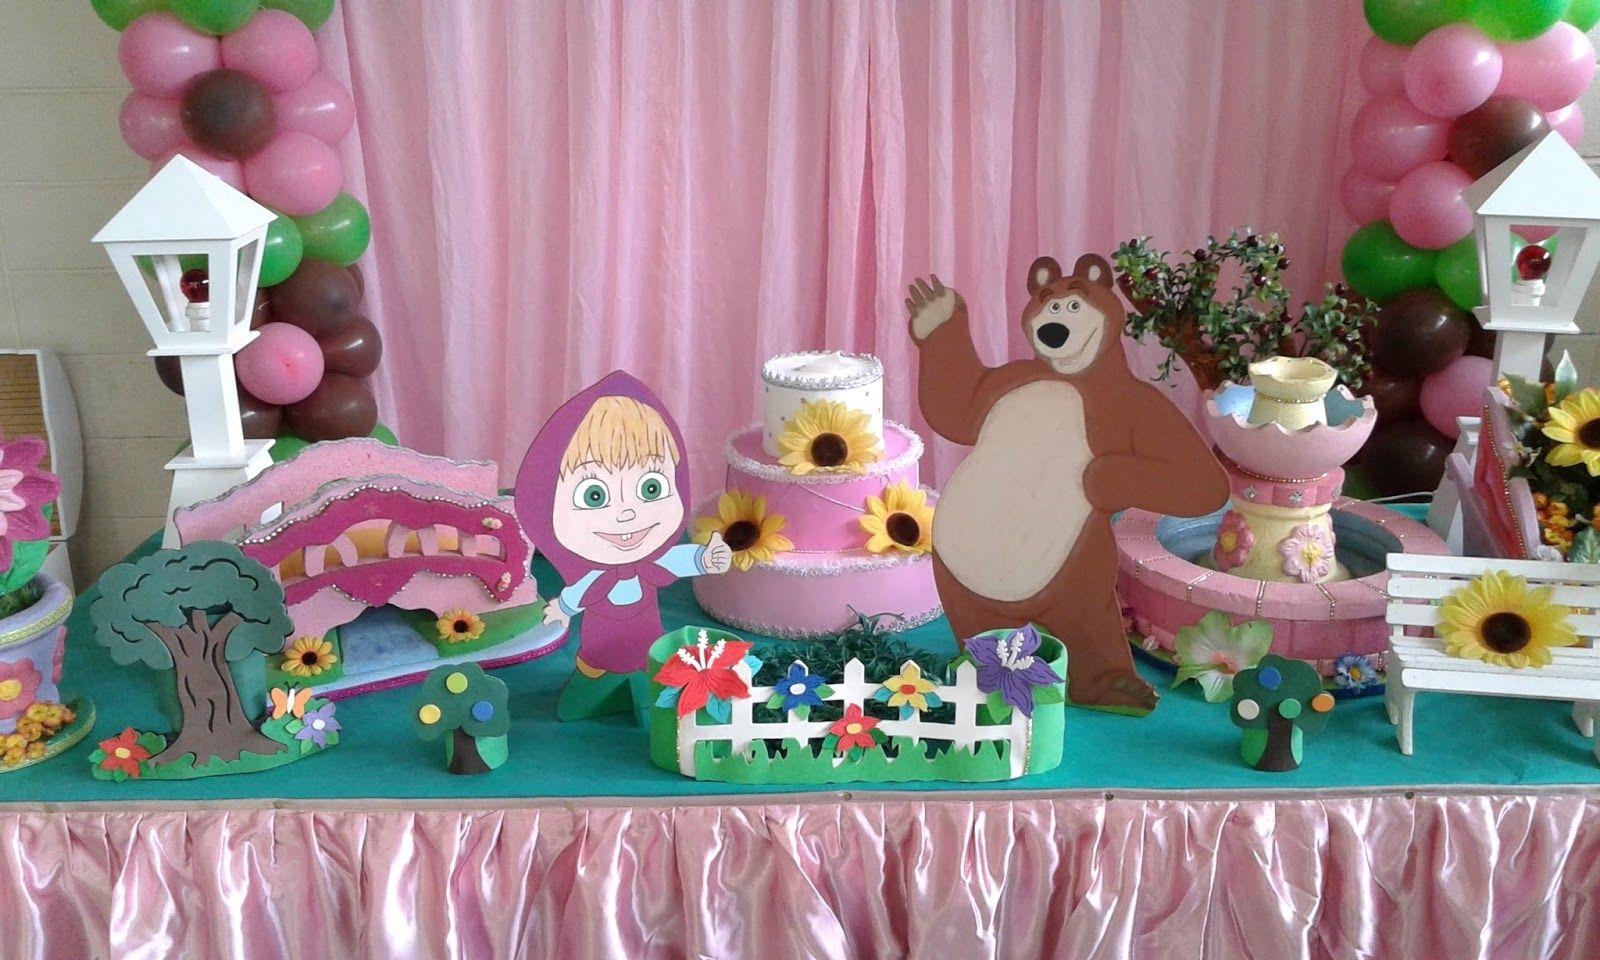 festa infantil masha eo urso - Pesquisa Google